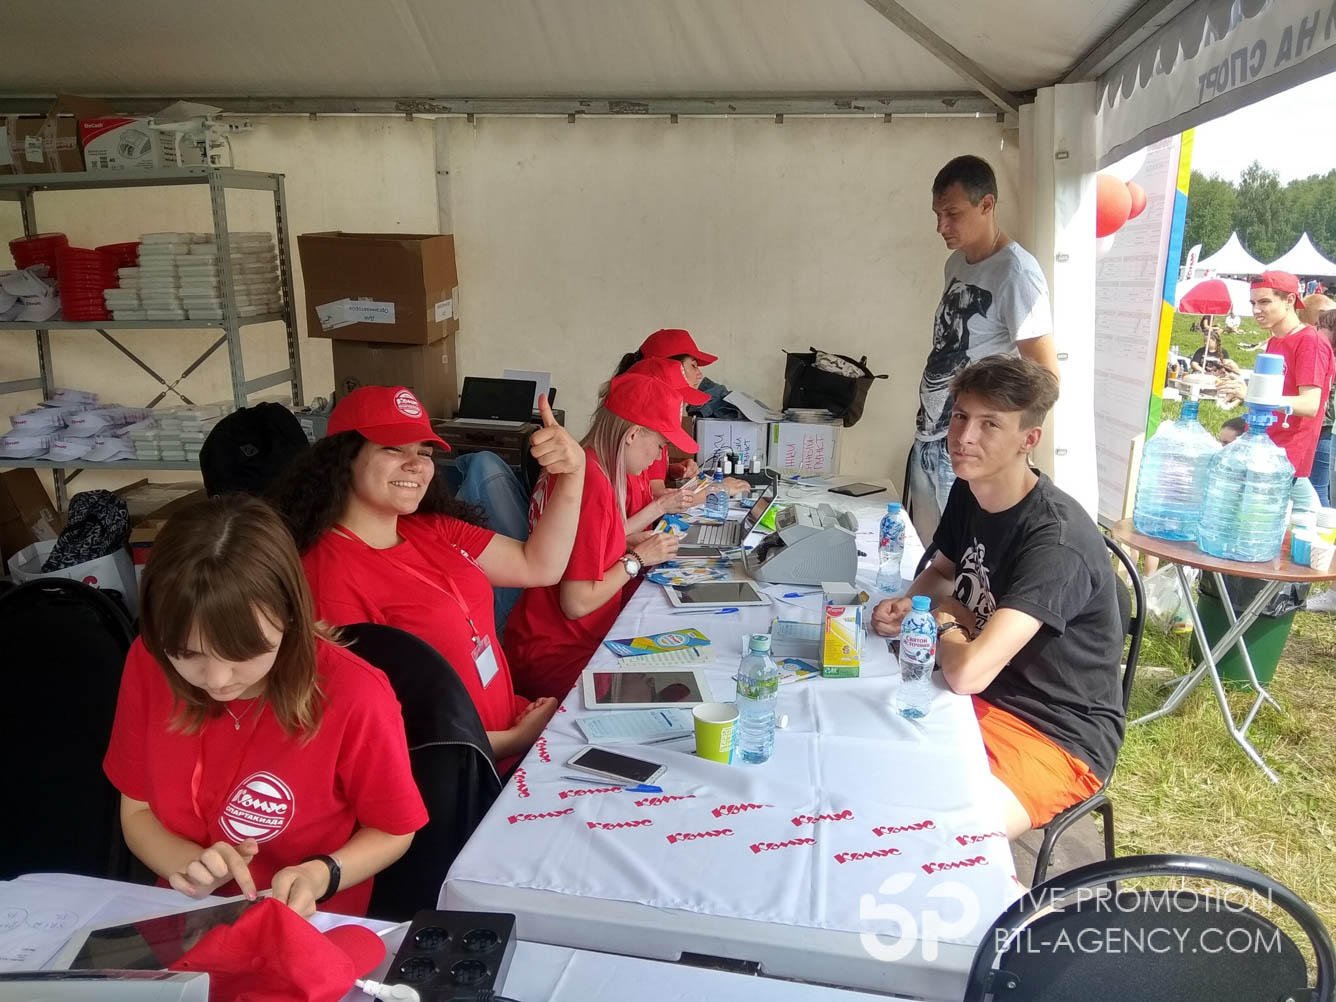 регистрация участников, промоутеры, фестиваль